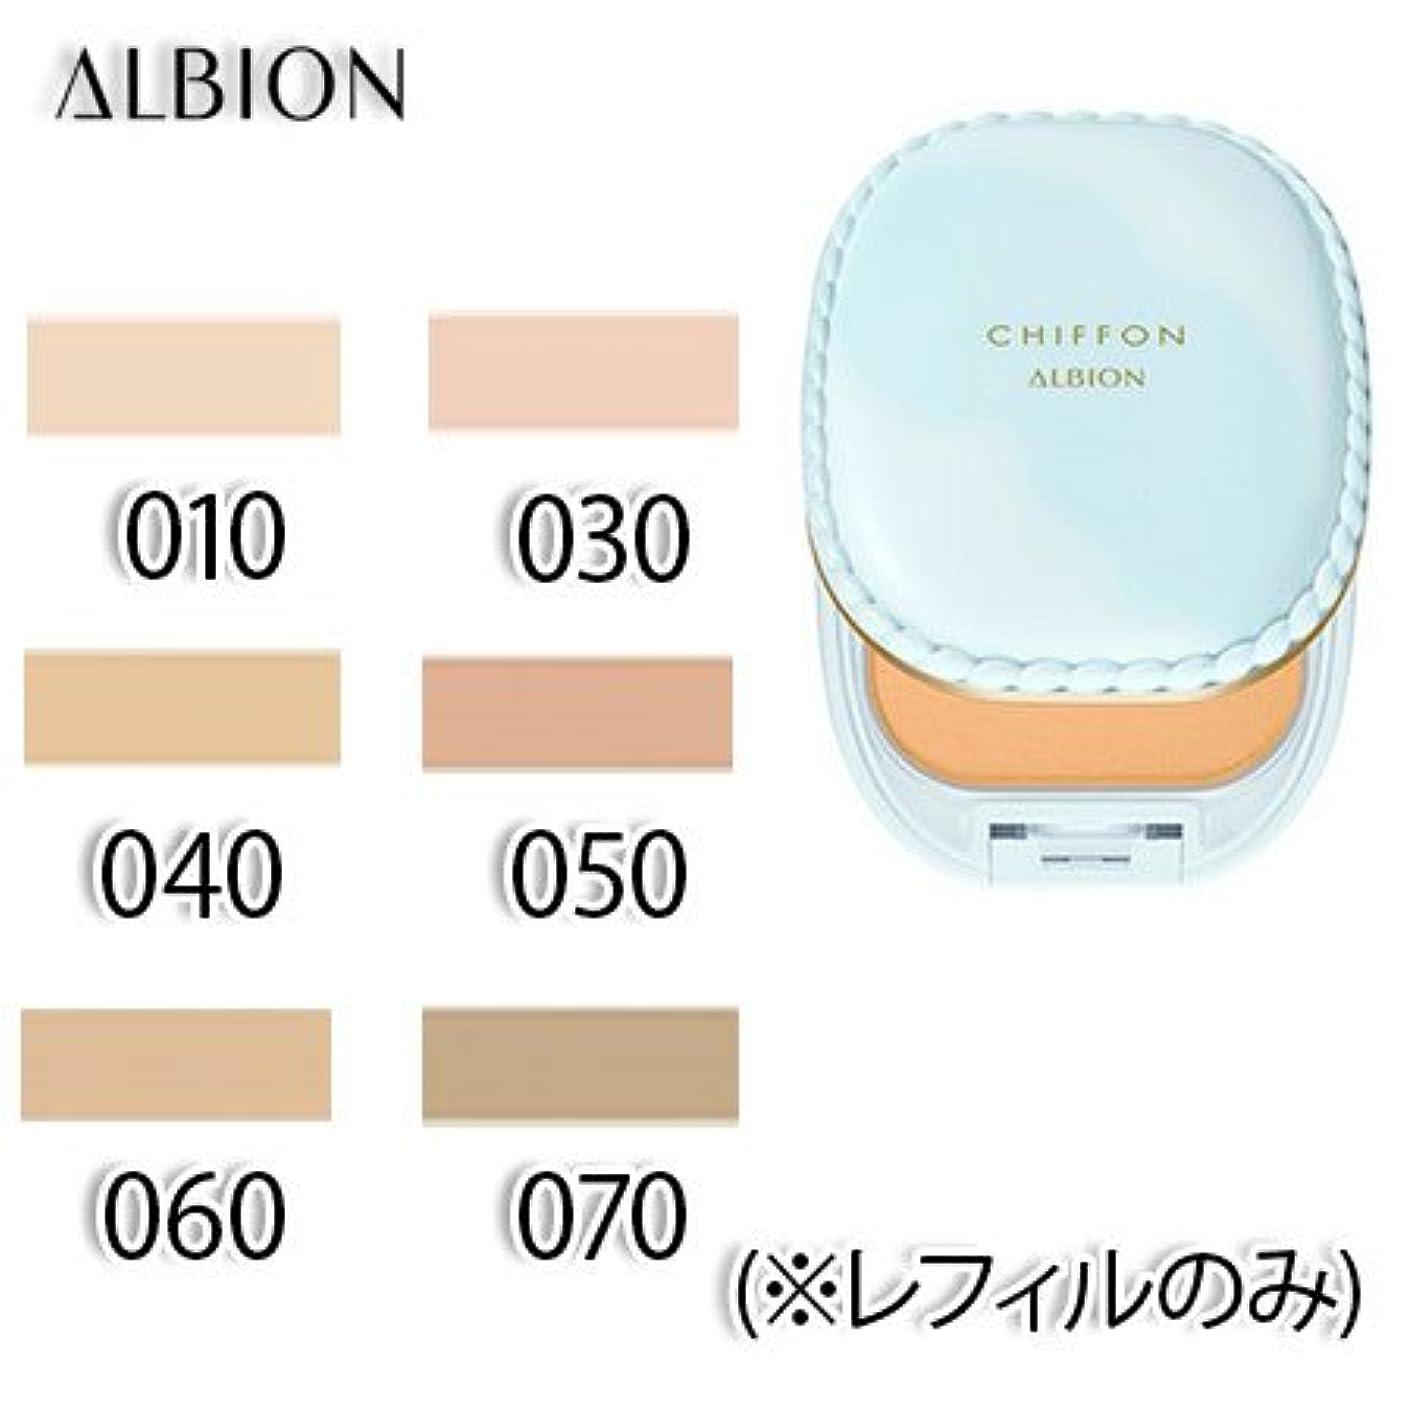 アルビオン スノー ホワイト シフォン 全6色 SPF25?PA++ 10g (レフィルのみ) -ALBION- 030